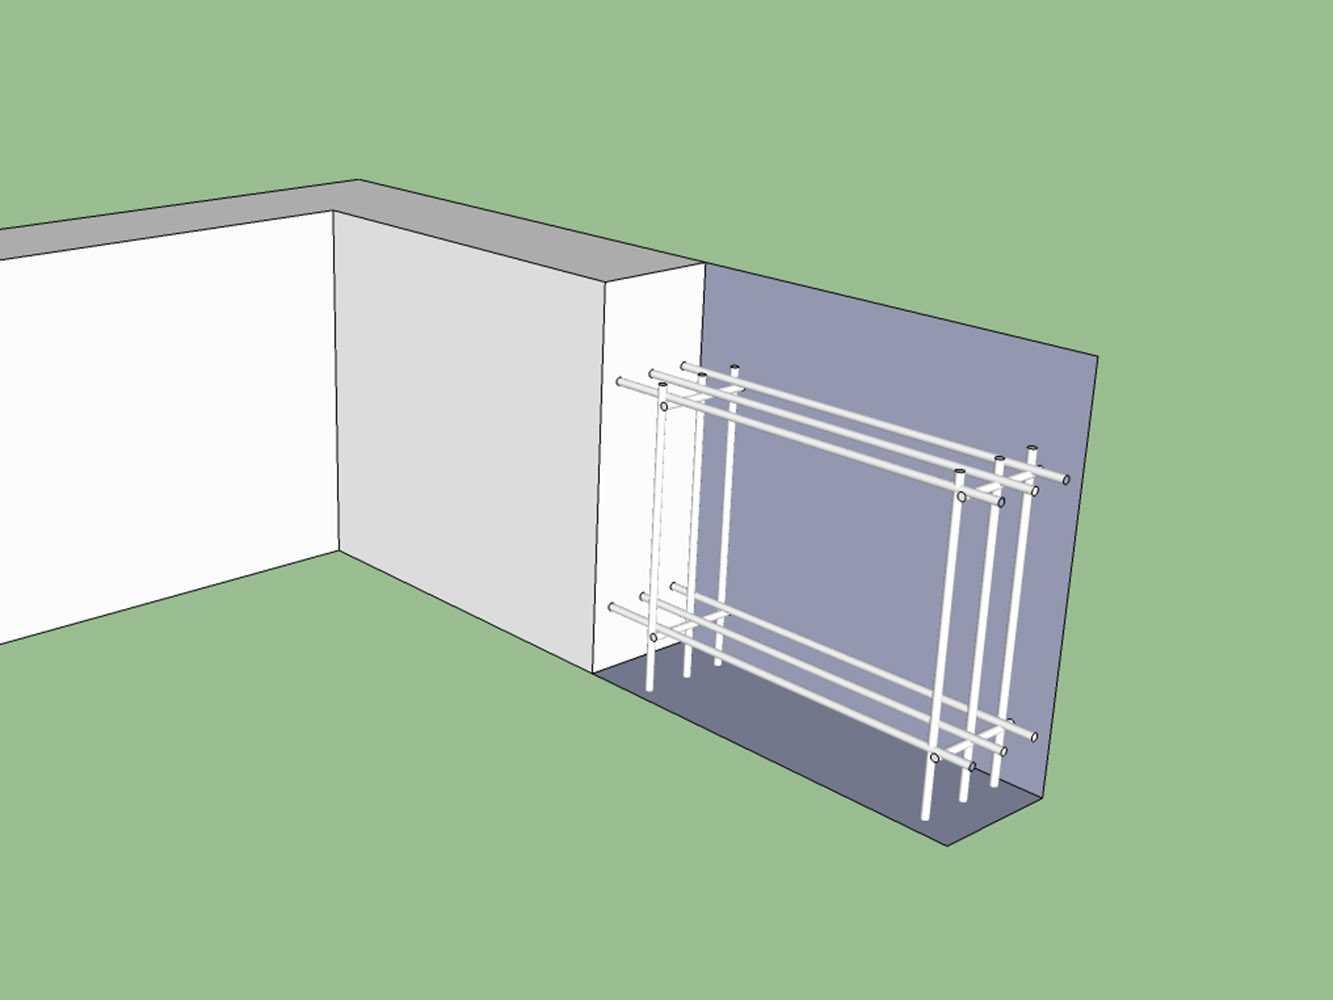 lentochnyiy-fundament-foto-video-ustroystvo-raznovidnosti-primenenie-14